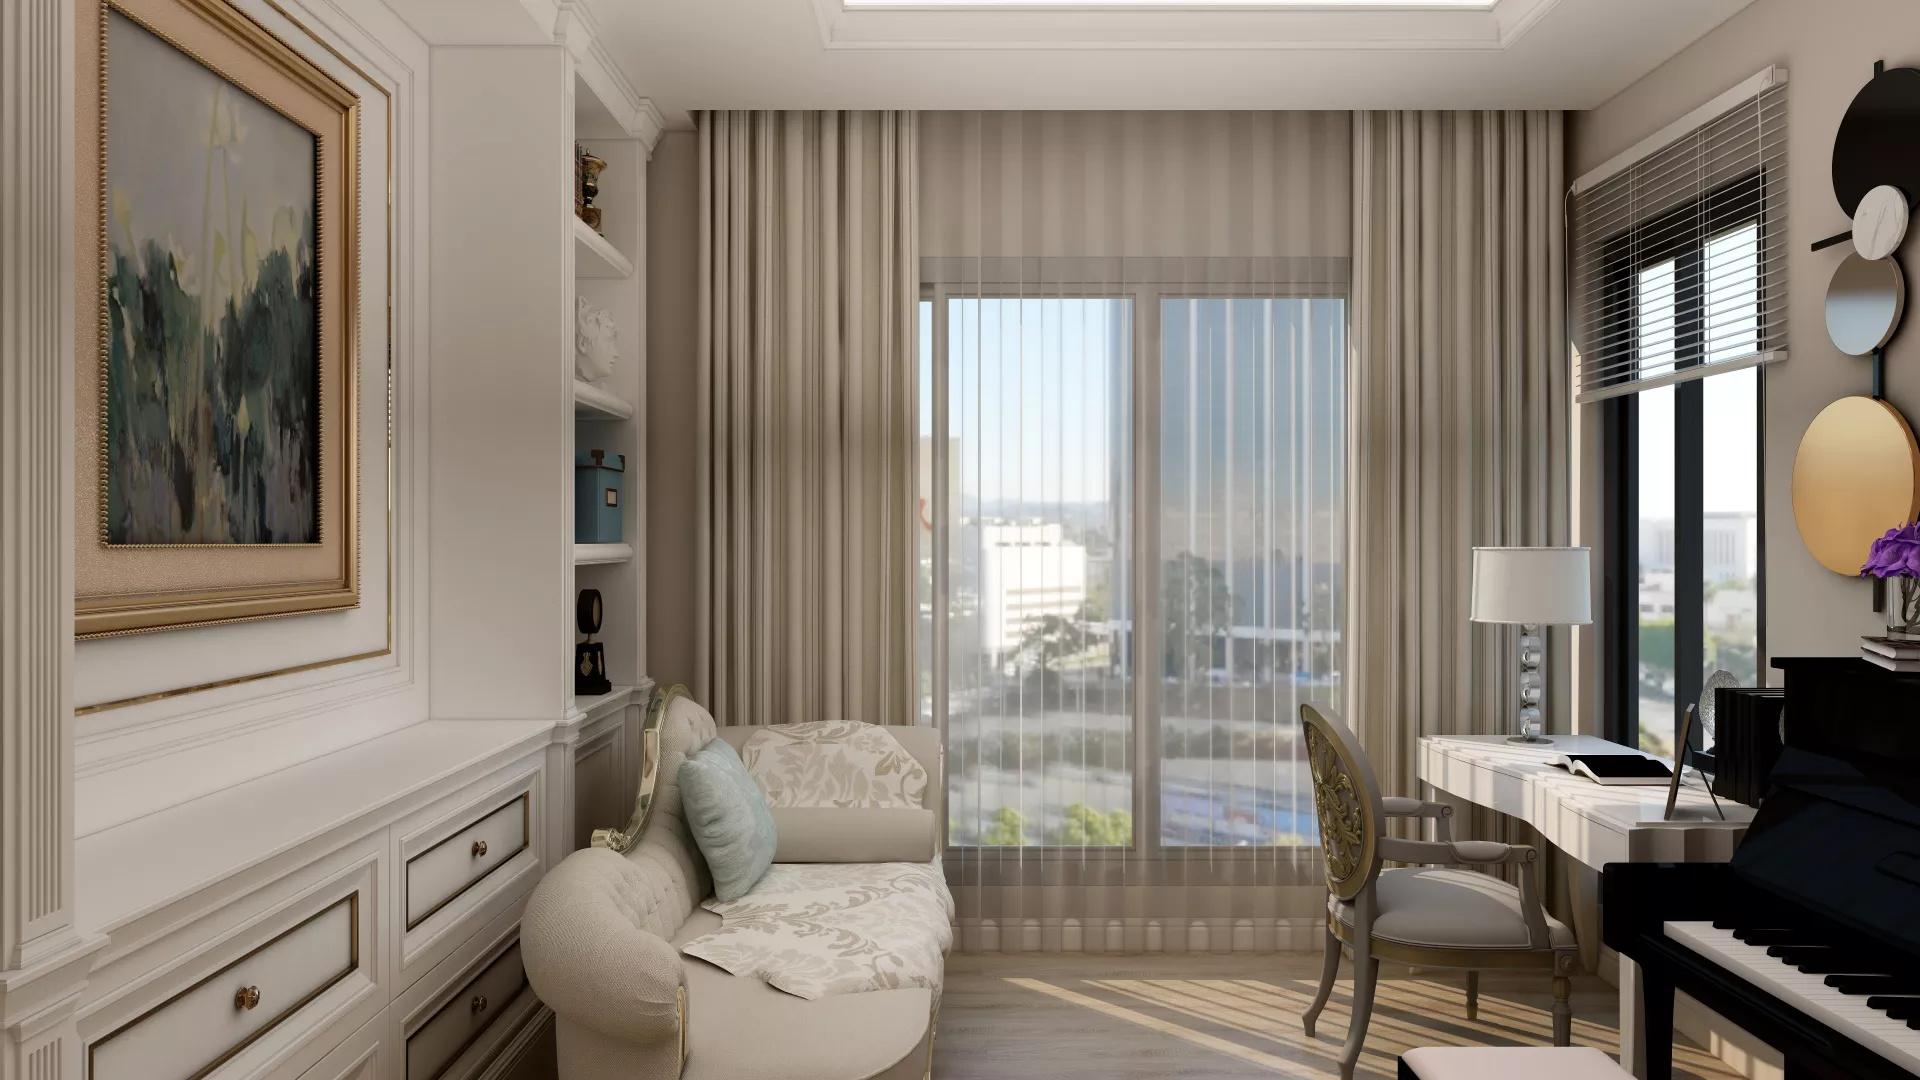 195㎡法式风格之客厅吊顶装修效果图